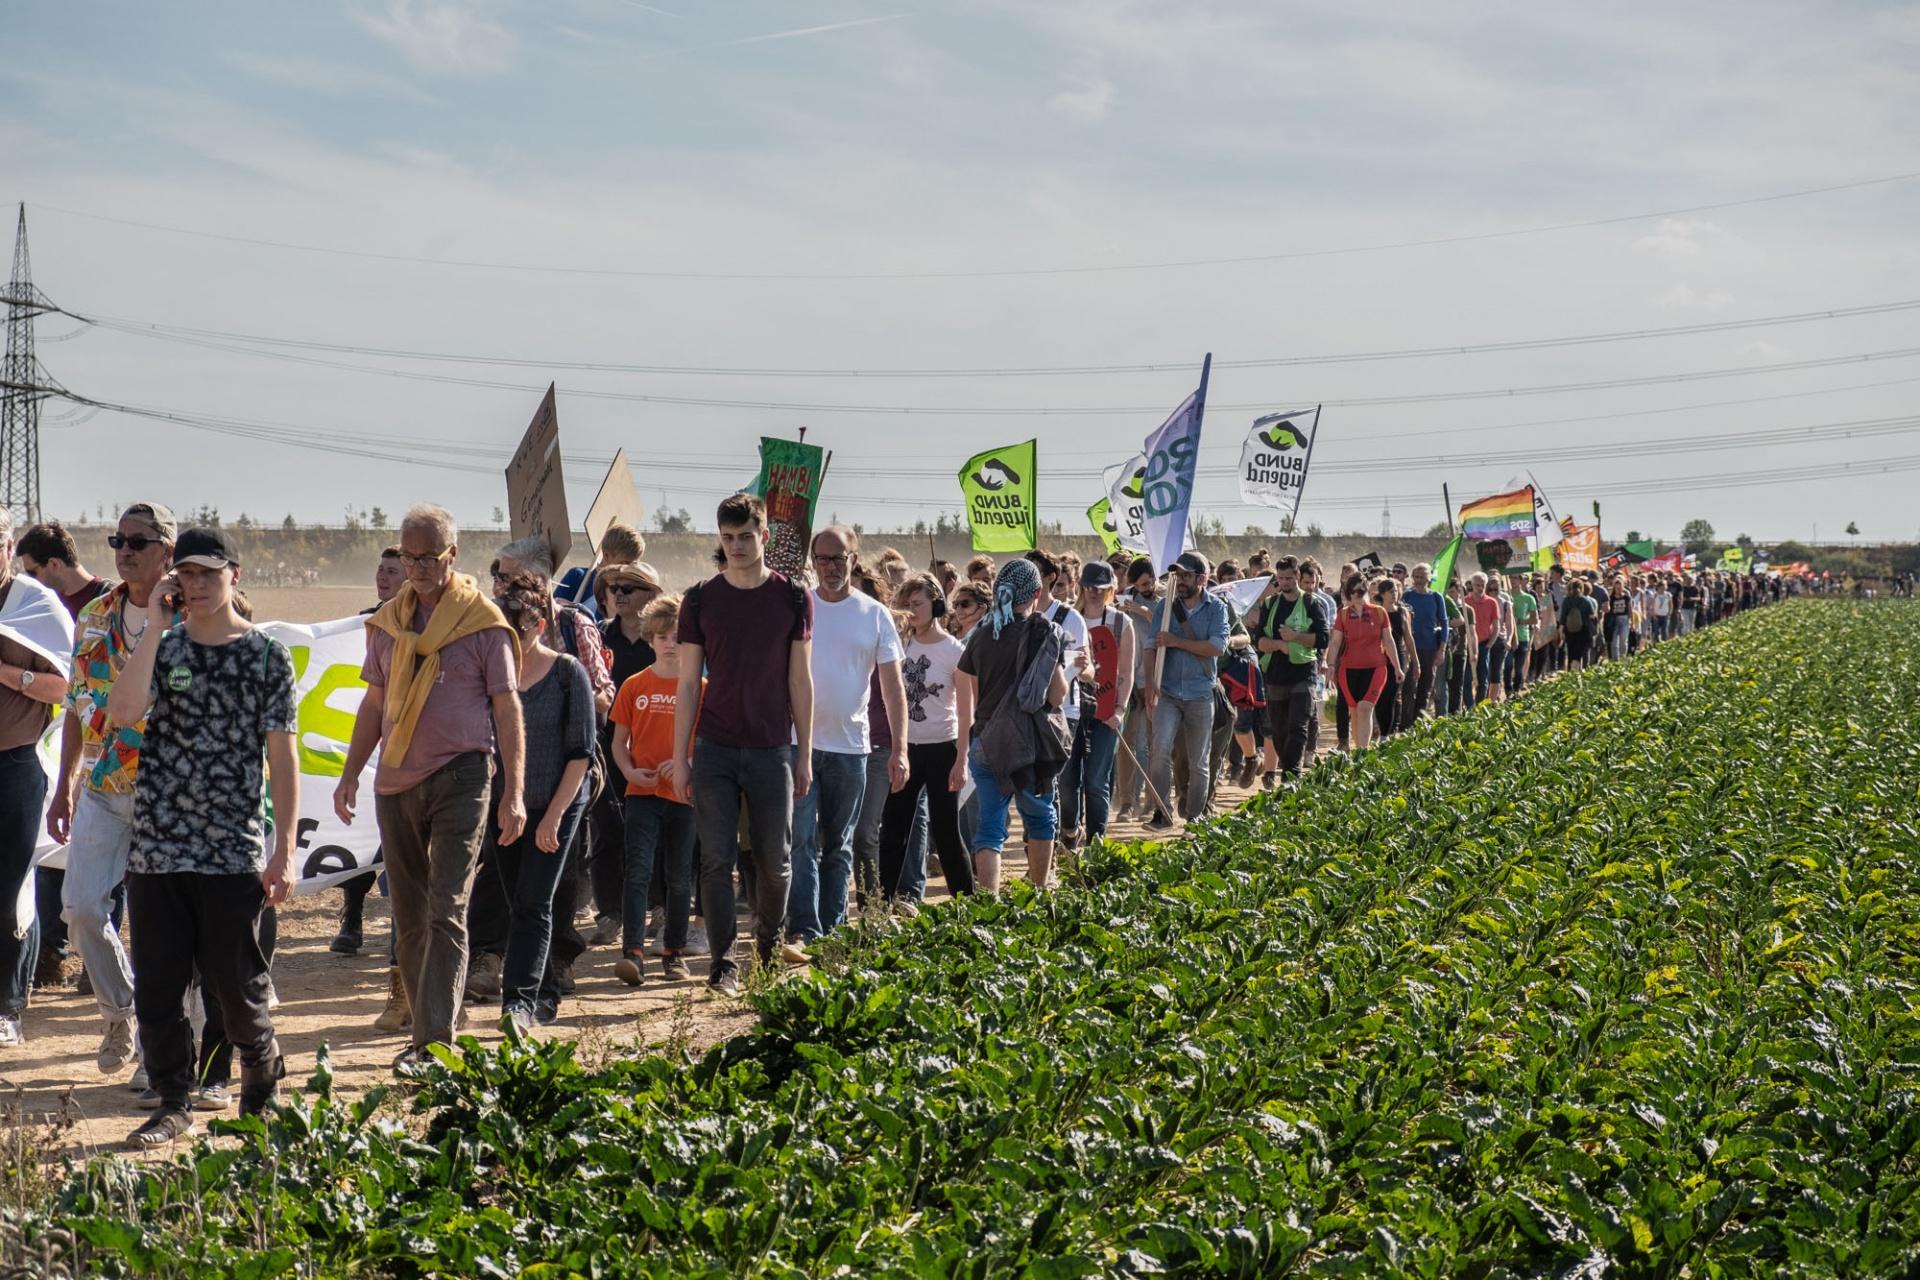 Bis in den Nachmittag hinein strömten die Menschen zum Veranstaltungsort